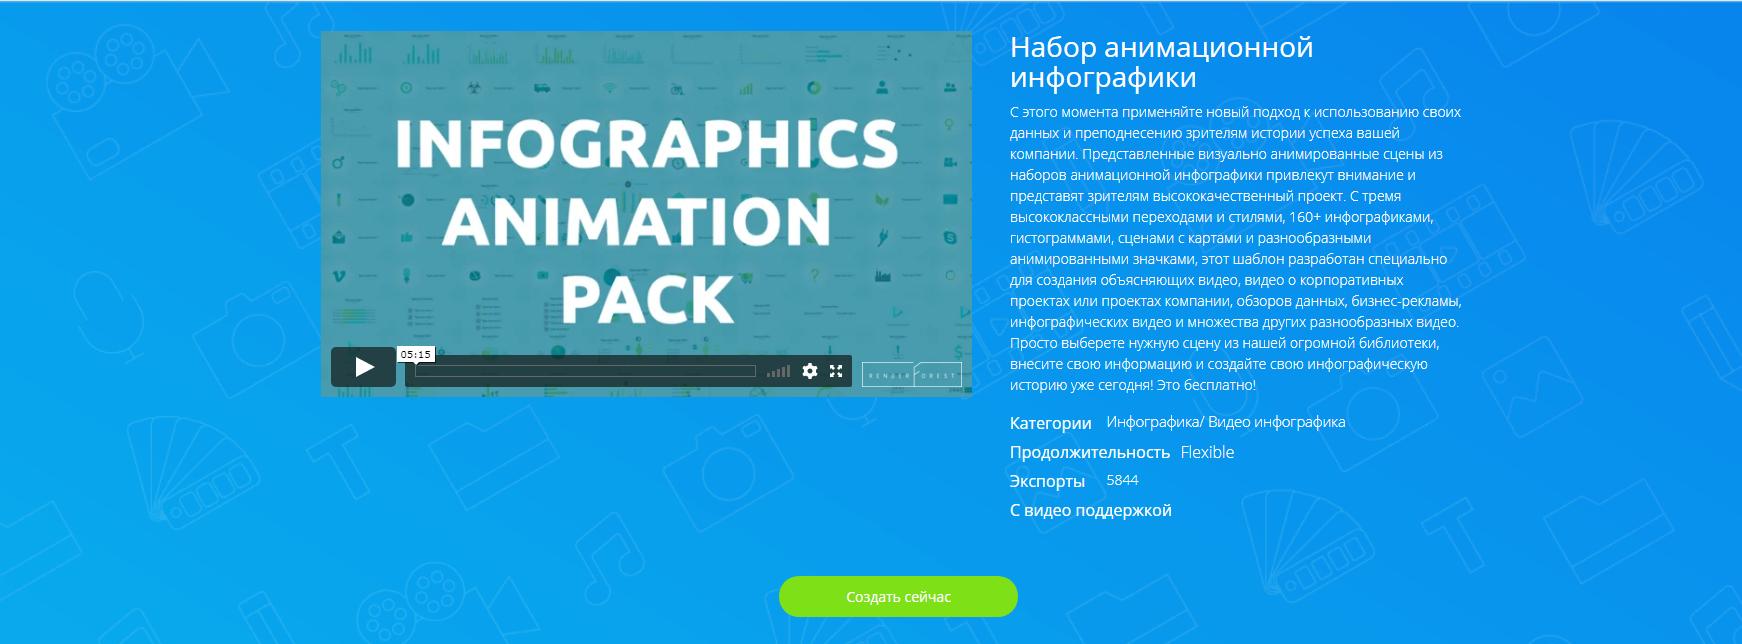 Набор Анимационной Инфографики